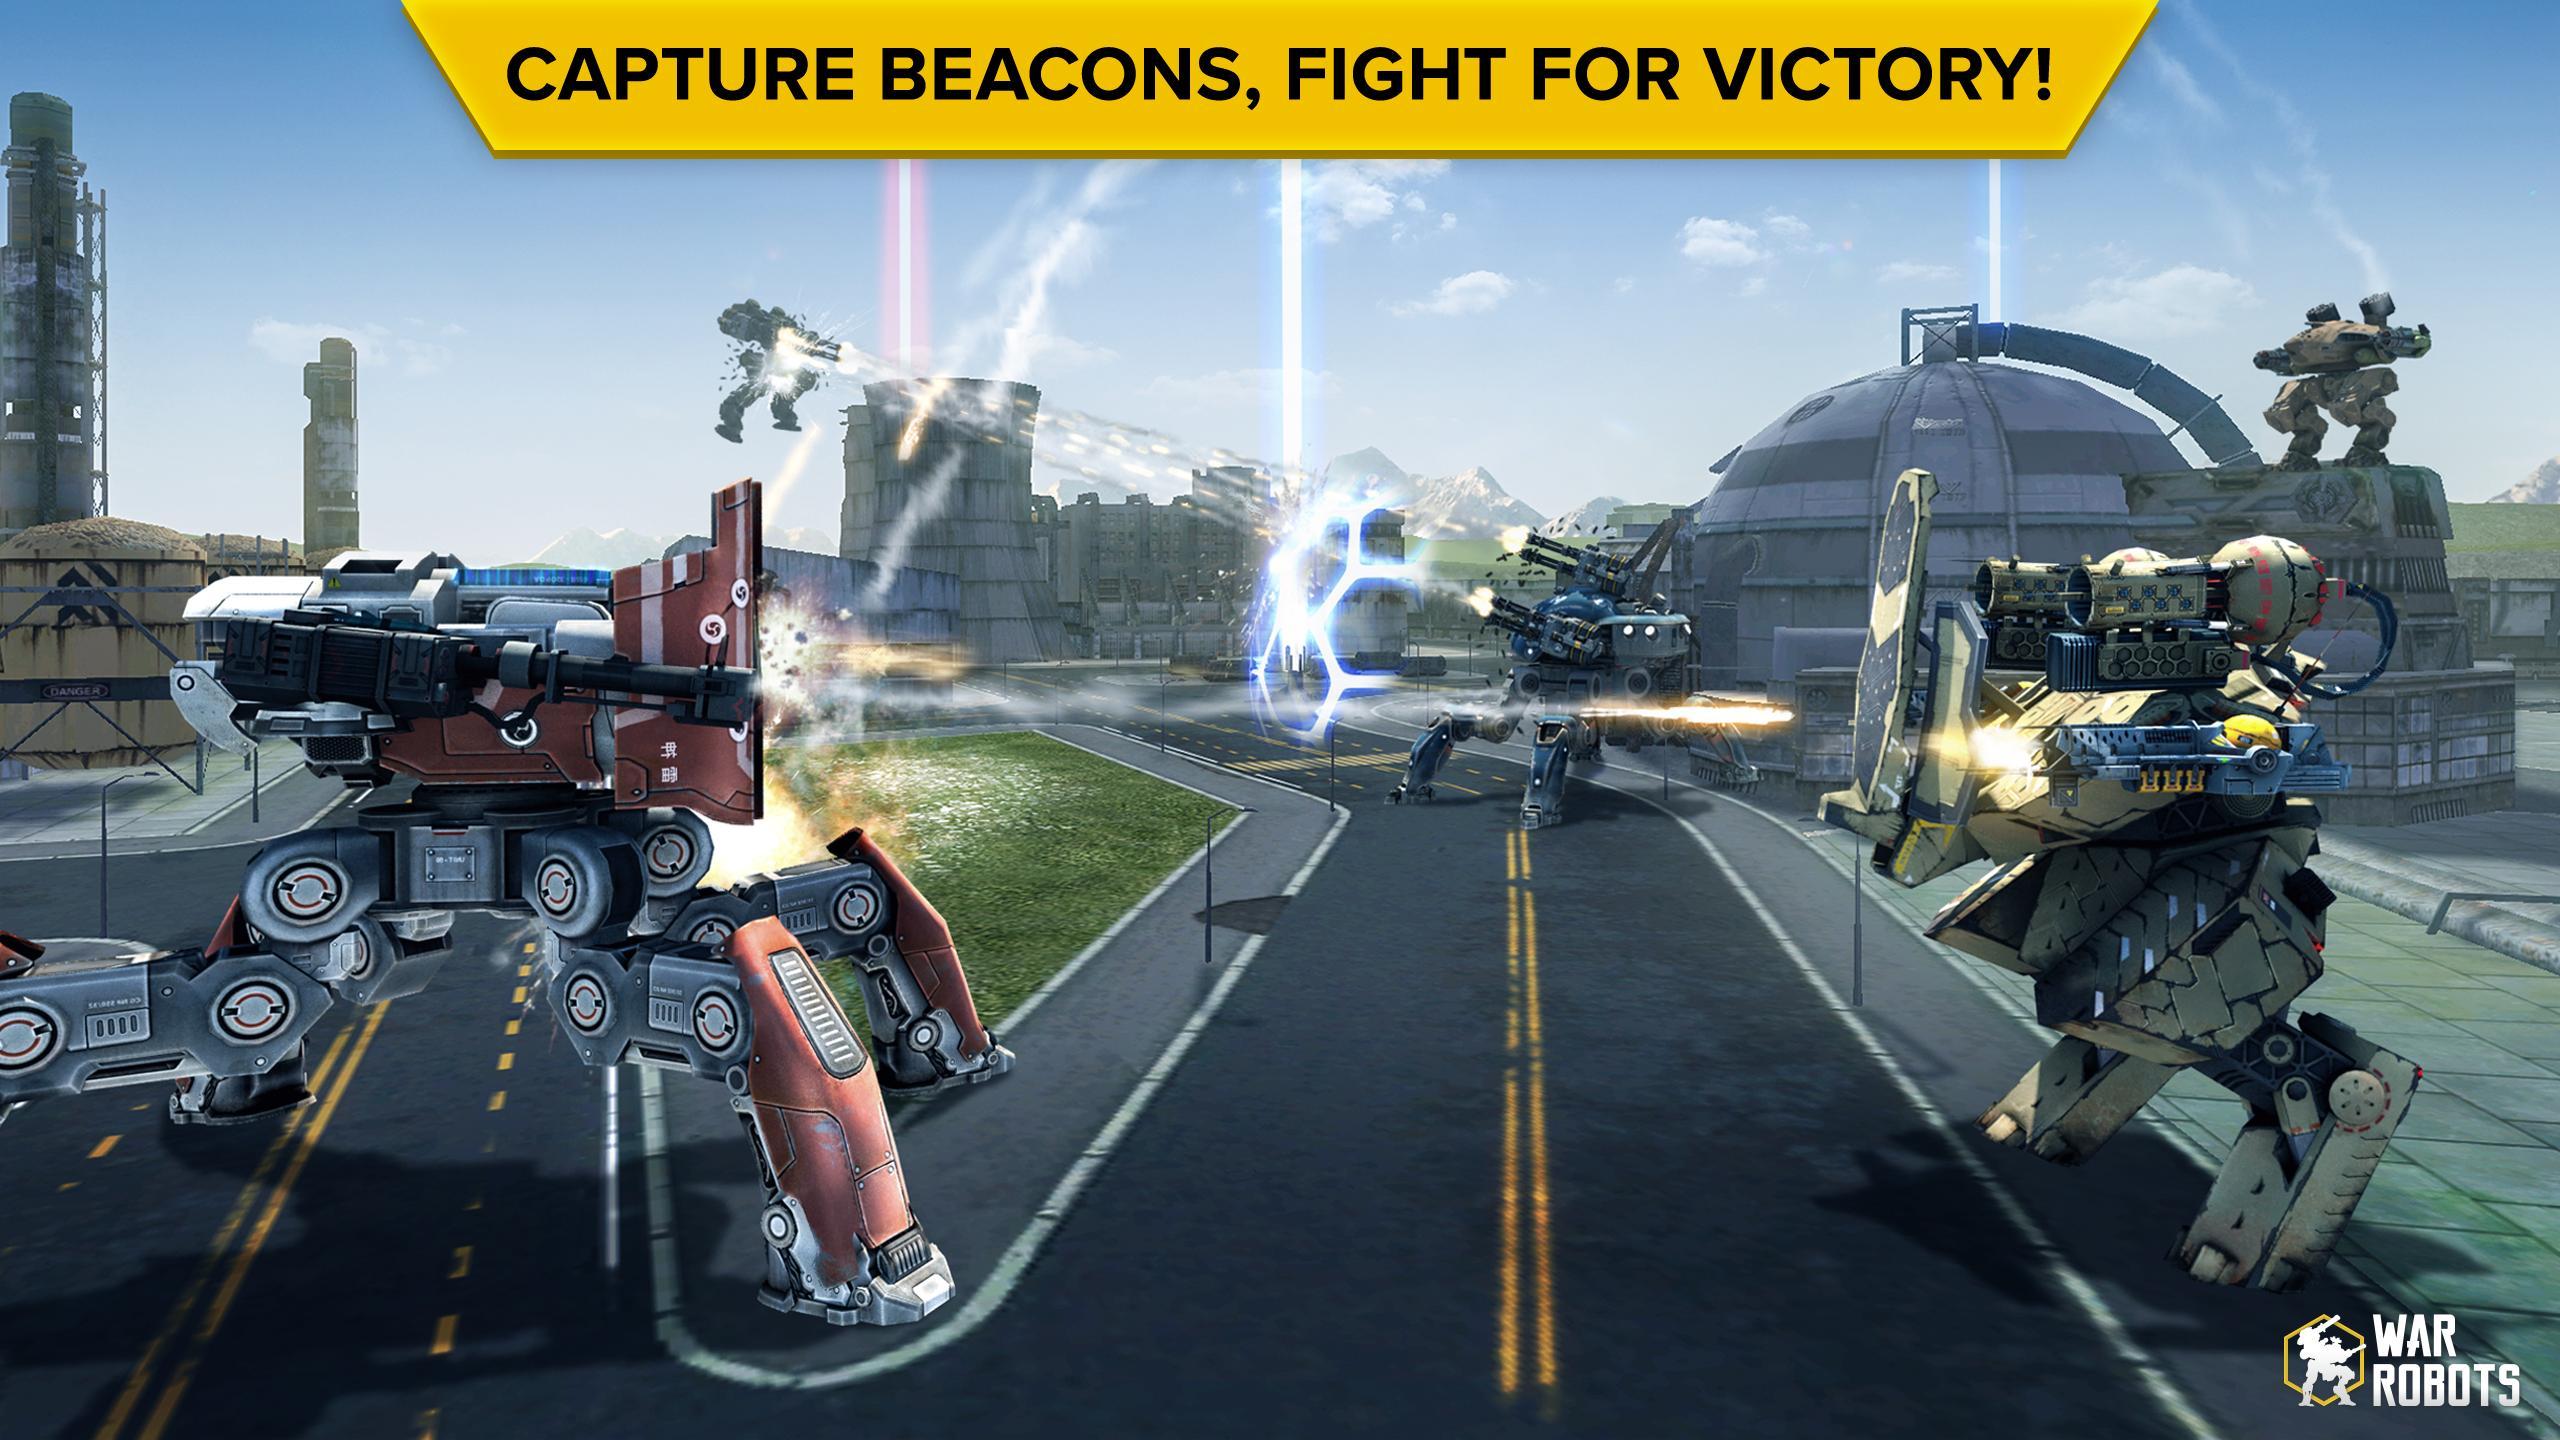 War Robots Multiplayer Battles 6.4.8 Screenshot 16